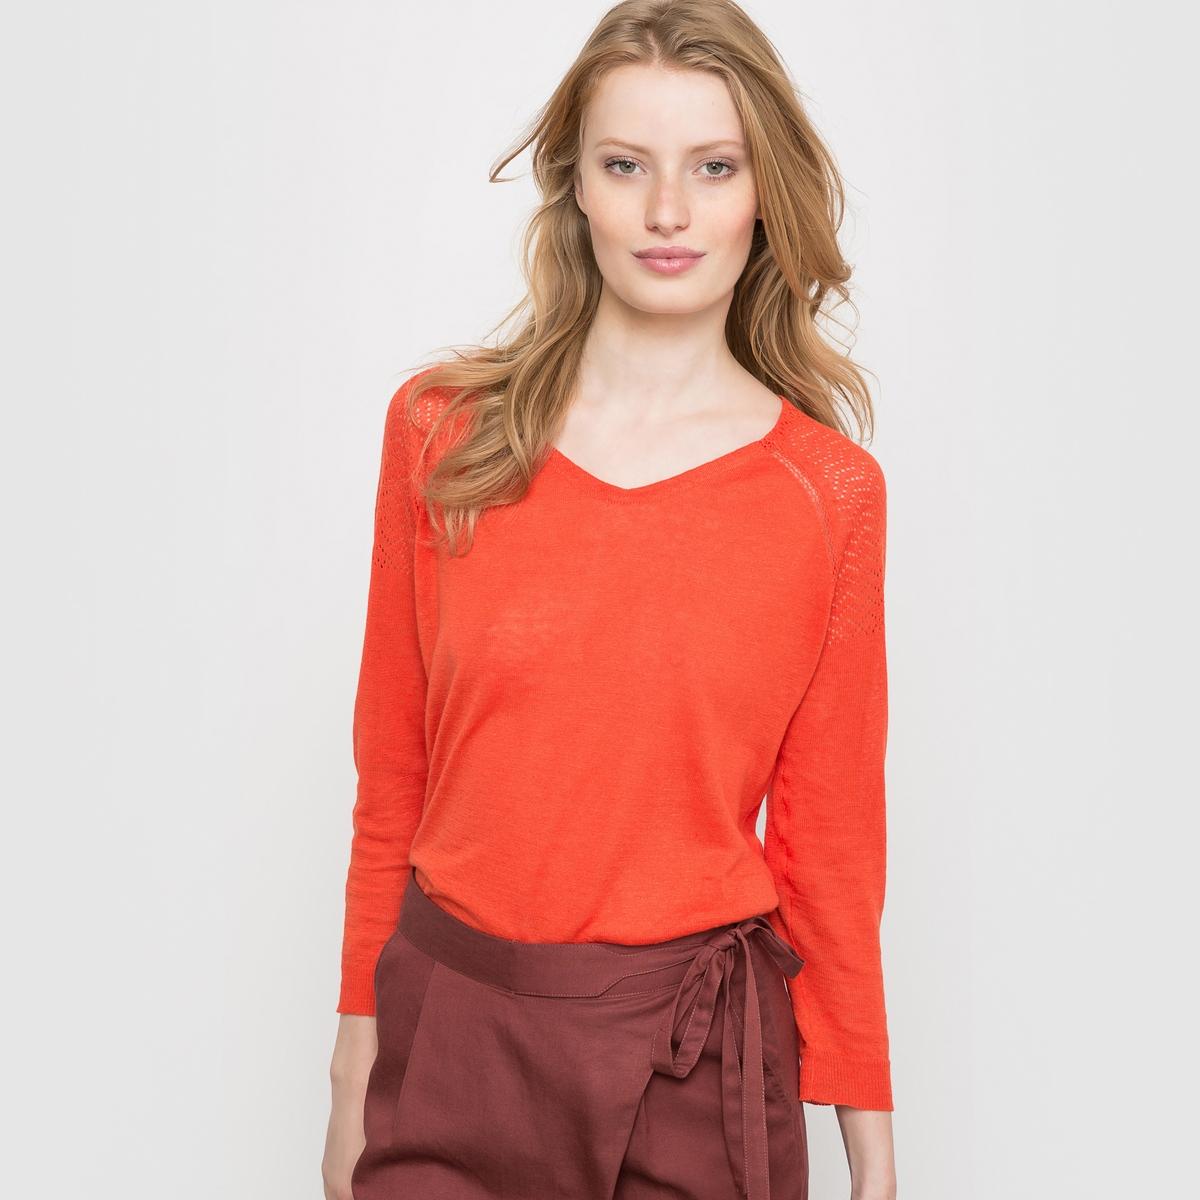 Пуловер с V-образным вырезом из льна и вискозыОчень женственный пуловер, красивый материал, 55% льна, ажурные вставки на плечах, застежка на пуговицы сзади.<br><br>Цвет: оранжевый,розовый/фиолетовый<br>Размер: 38/40 (FR) - 44/46 (RUS).34/36 (FR) - 40/42 (RUS).42/44 (FR) - 48/50 (RUS)